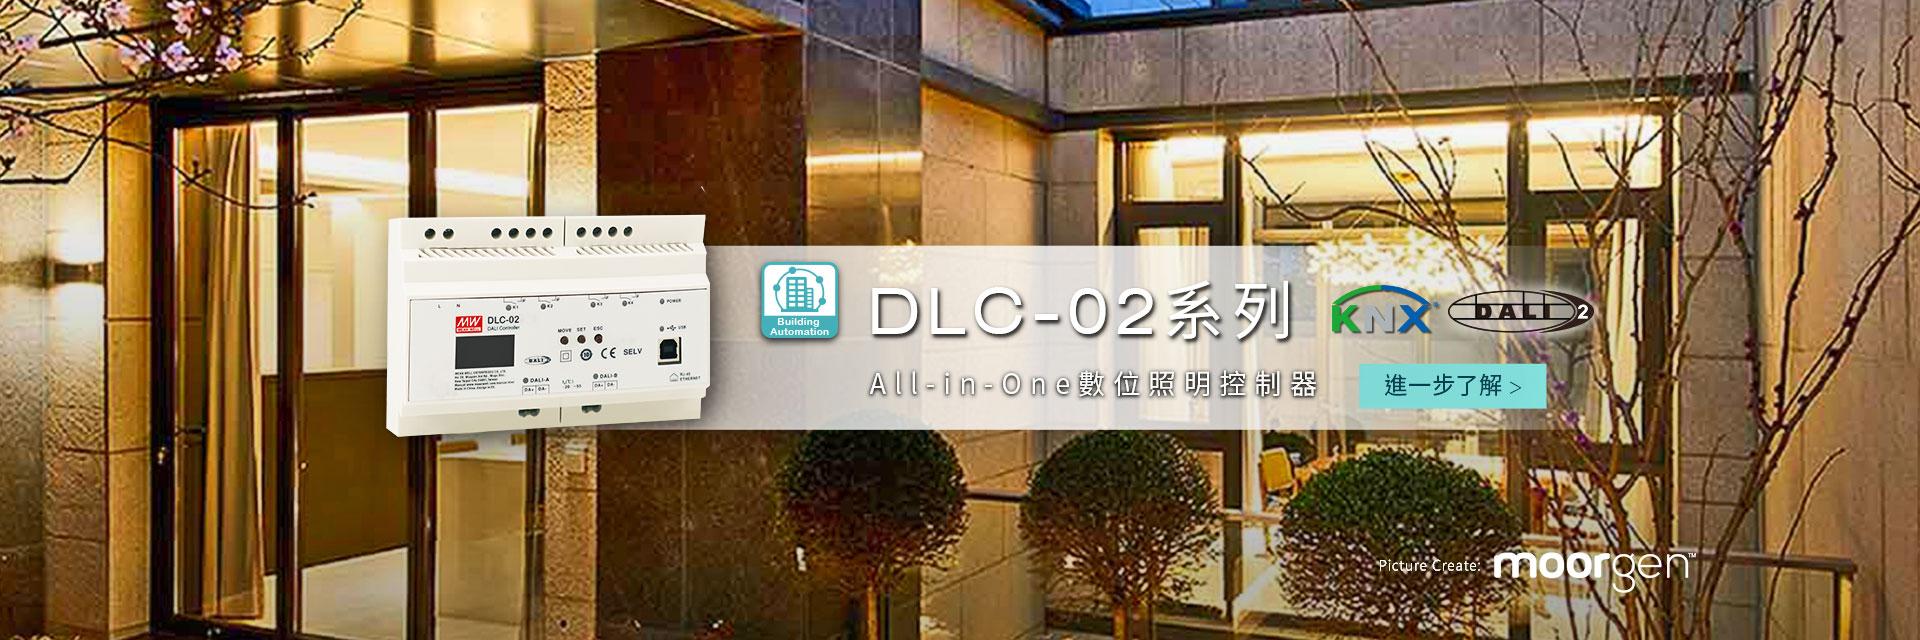 SLD/LDC-CH